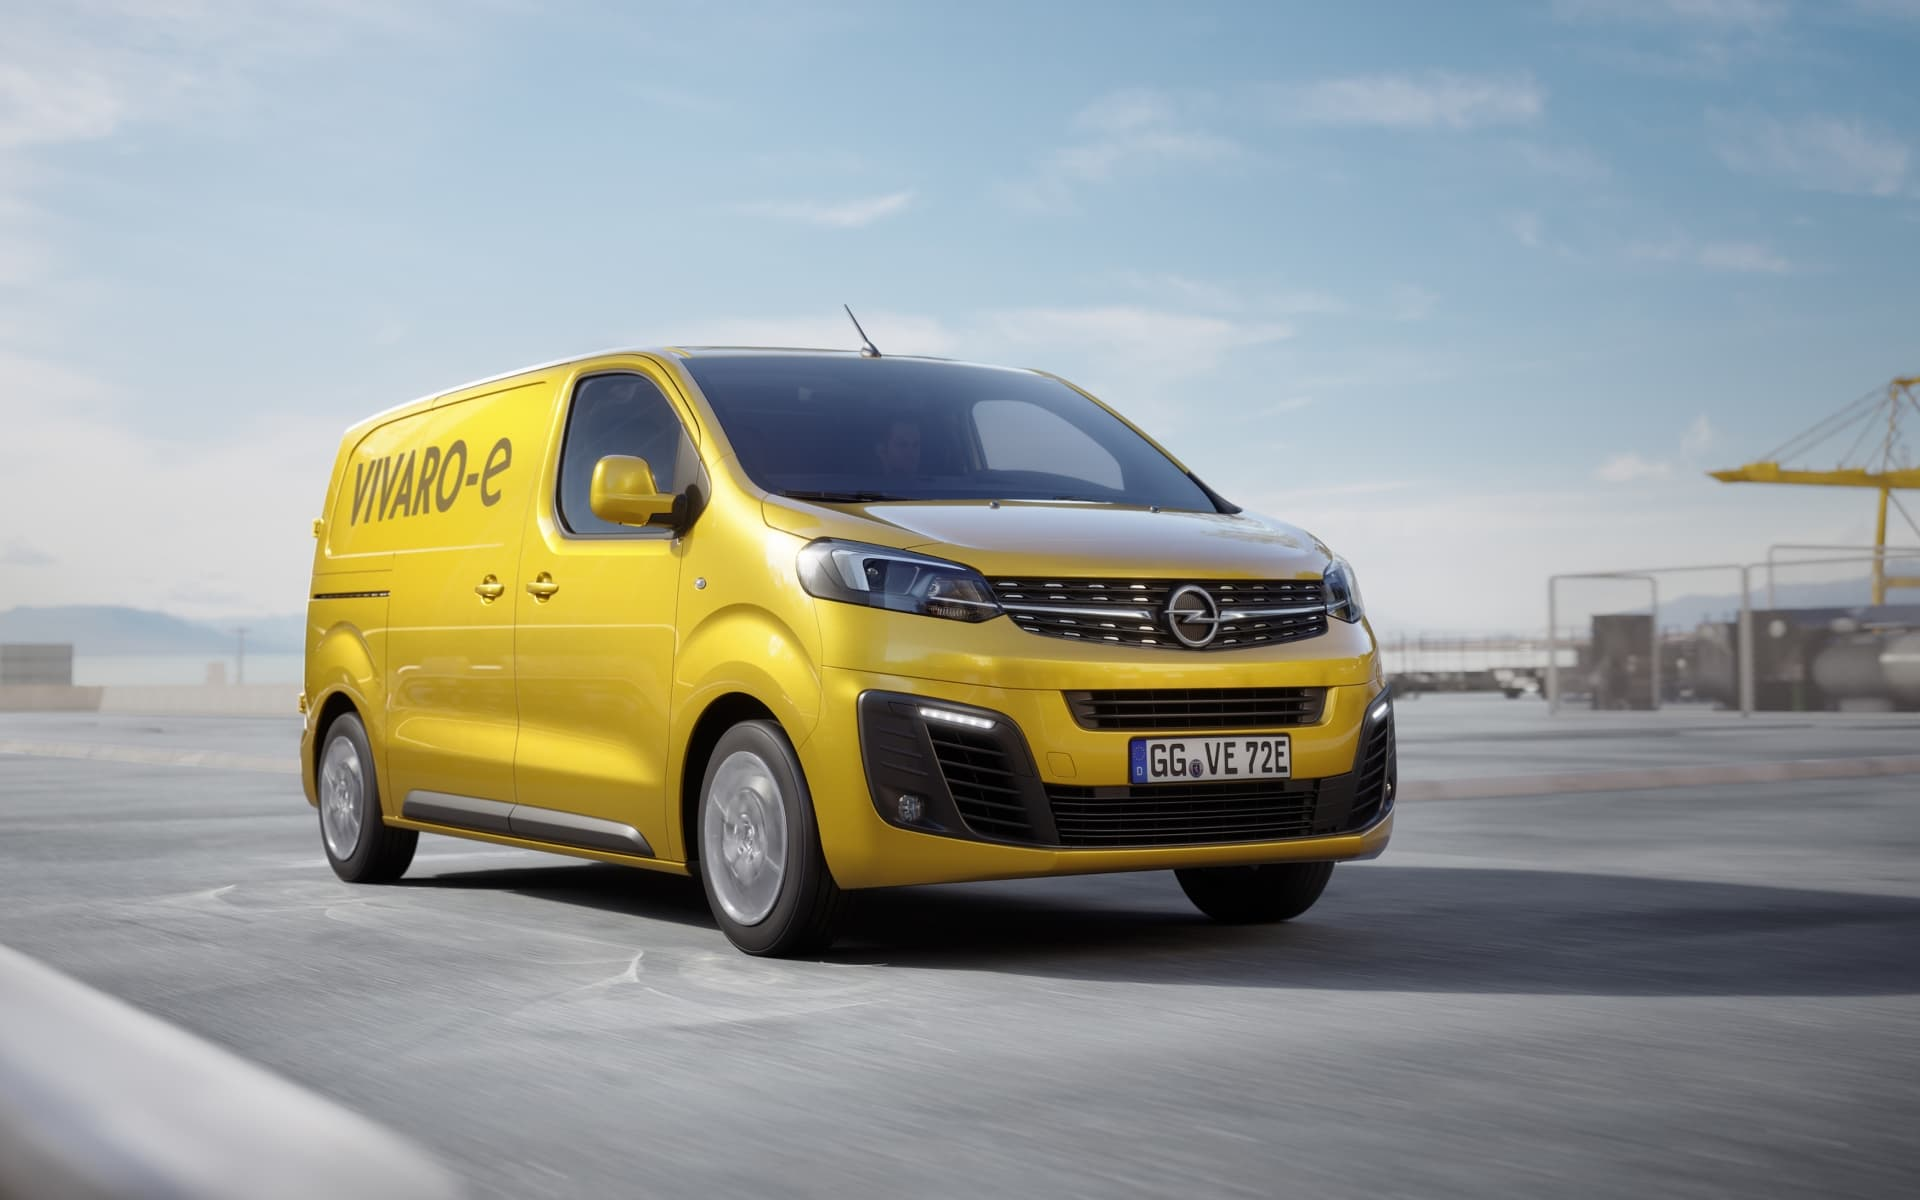 Opel Vivaro E 01